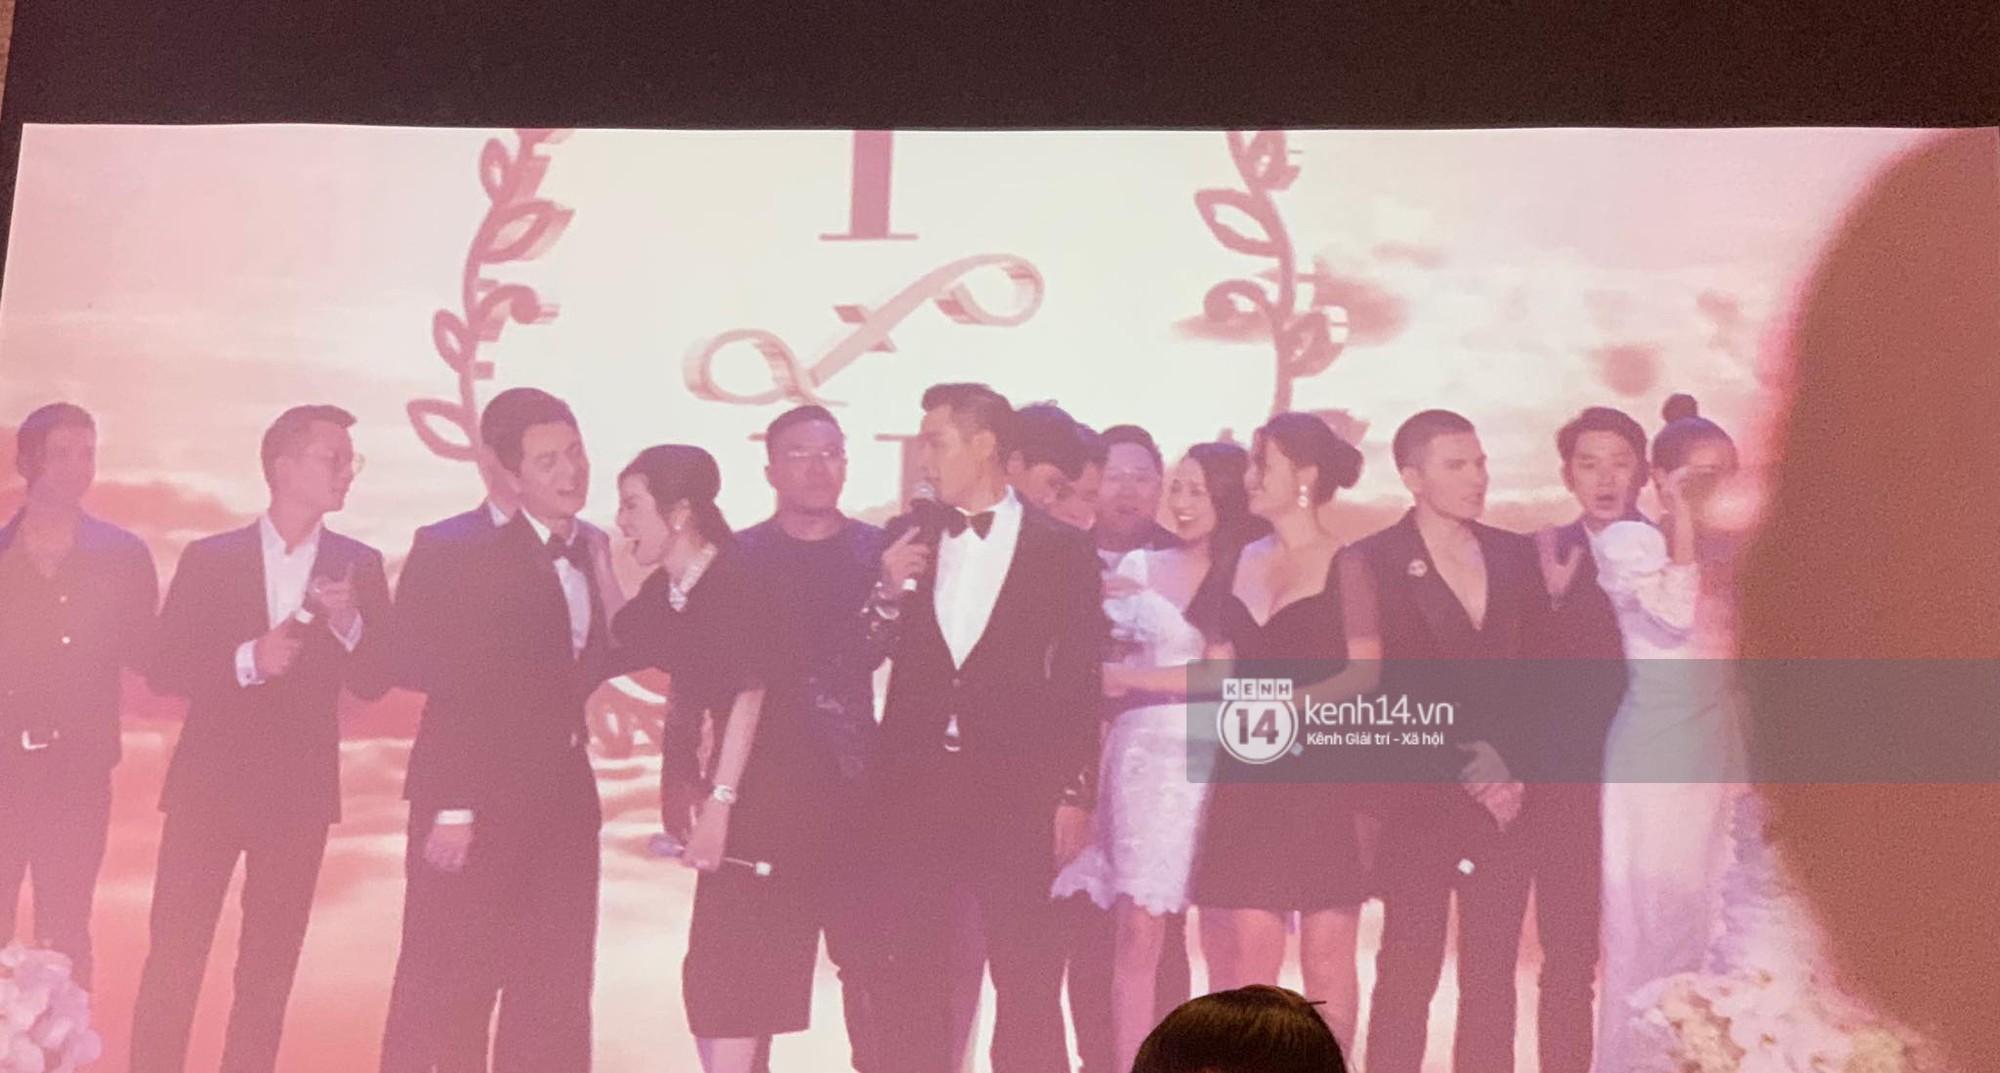 Phạm Quỳnh Anh chủ động nhường mic cho Bảo Anh khi hát trong đám cưới Lê Hiếu sau ồn ào người thứ 3 - Ảnh 2.